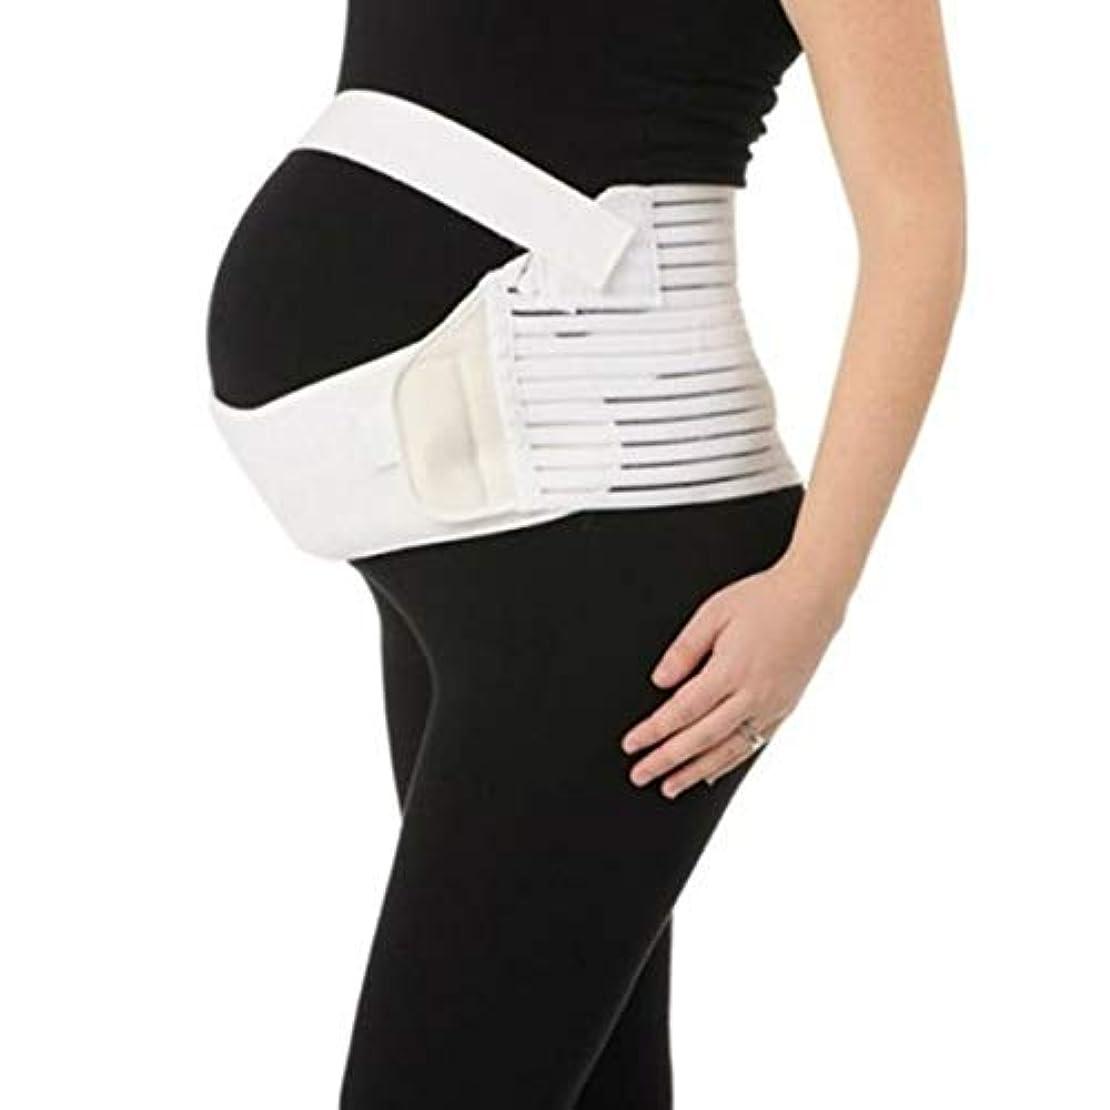 ヒロイン品種借りる通気性産科ベルト妊娠腹部サポート腹部バインダーガードル運動包帯産後の回復形状ウェア - ホワイトM